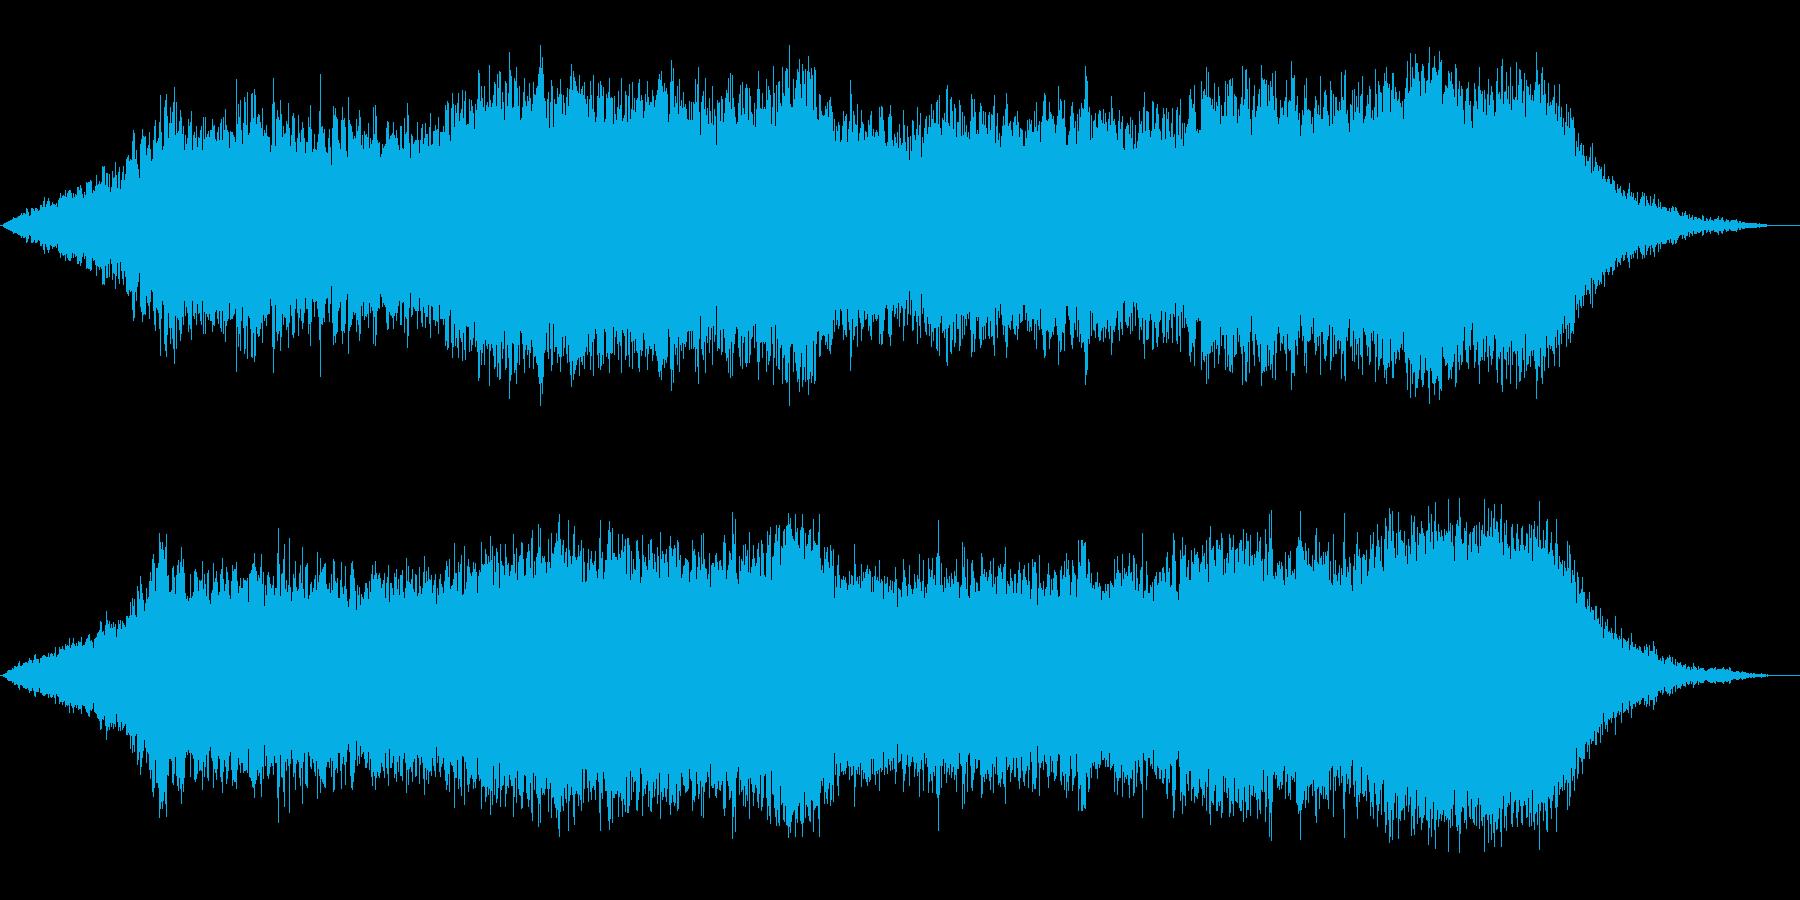 神秘的な雰囲気のアンビエント(背景音)8の再生済みの波形